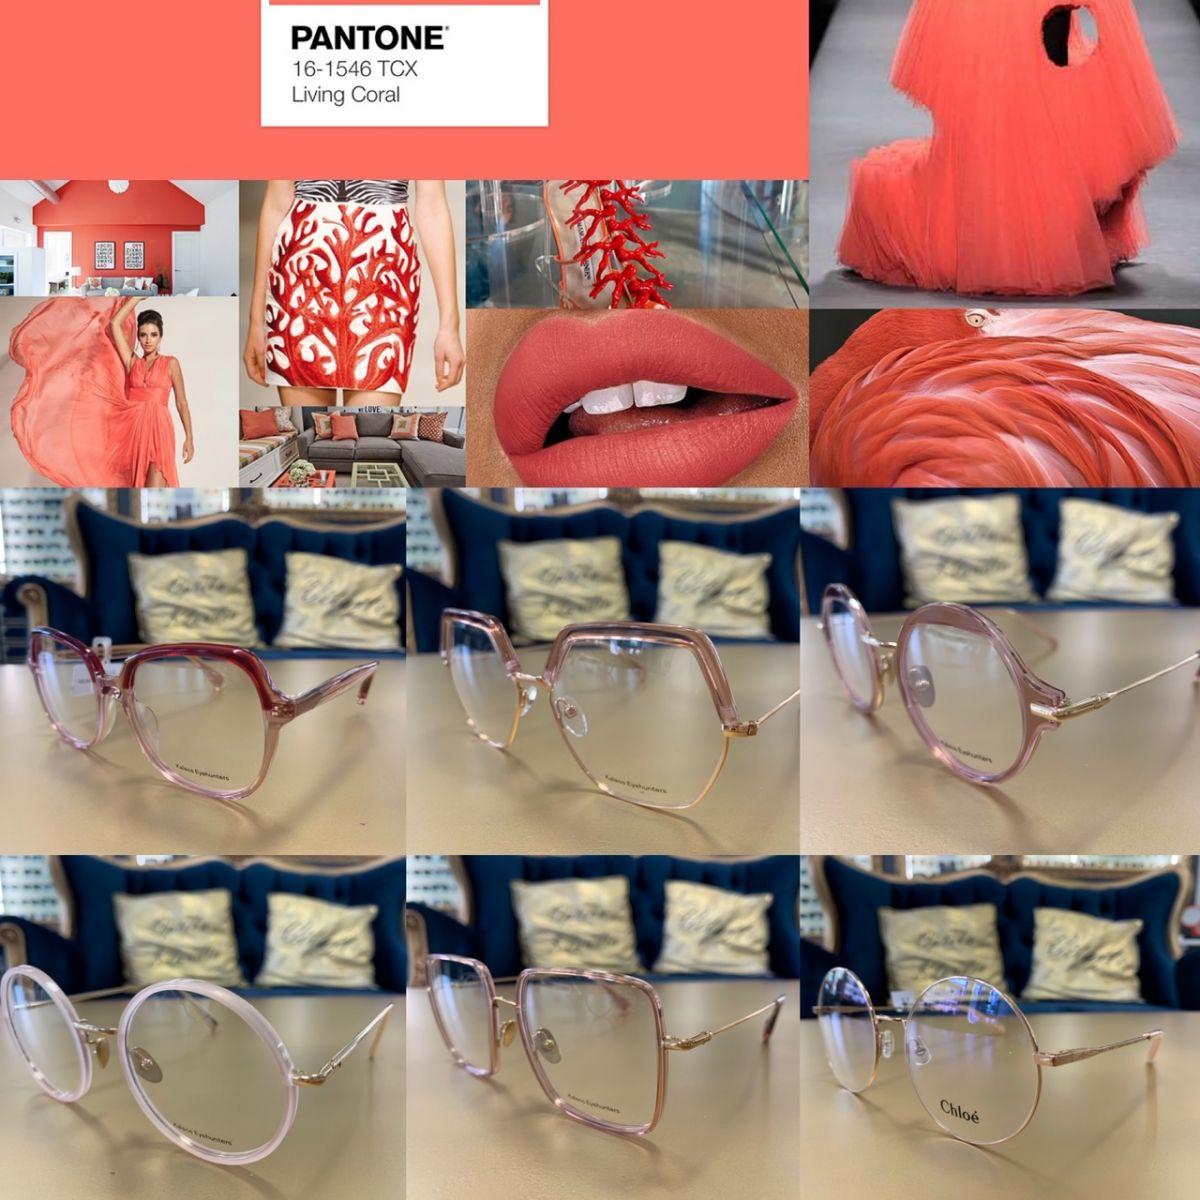 Koral eyeglasses